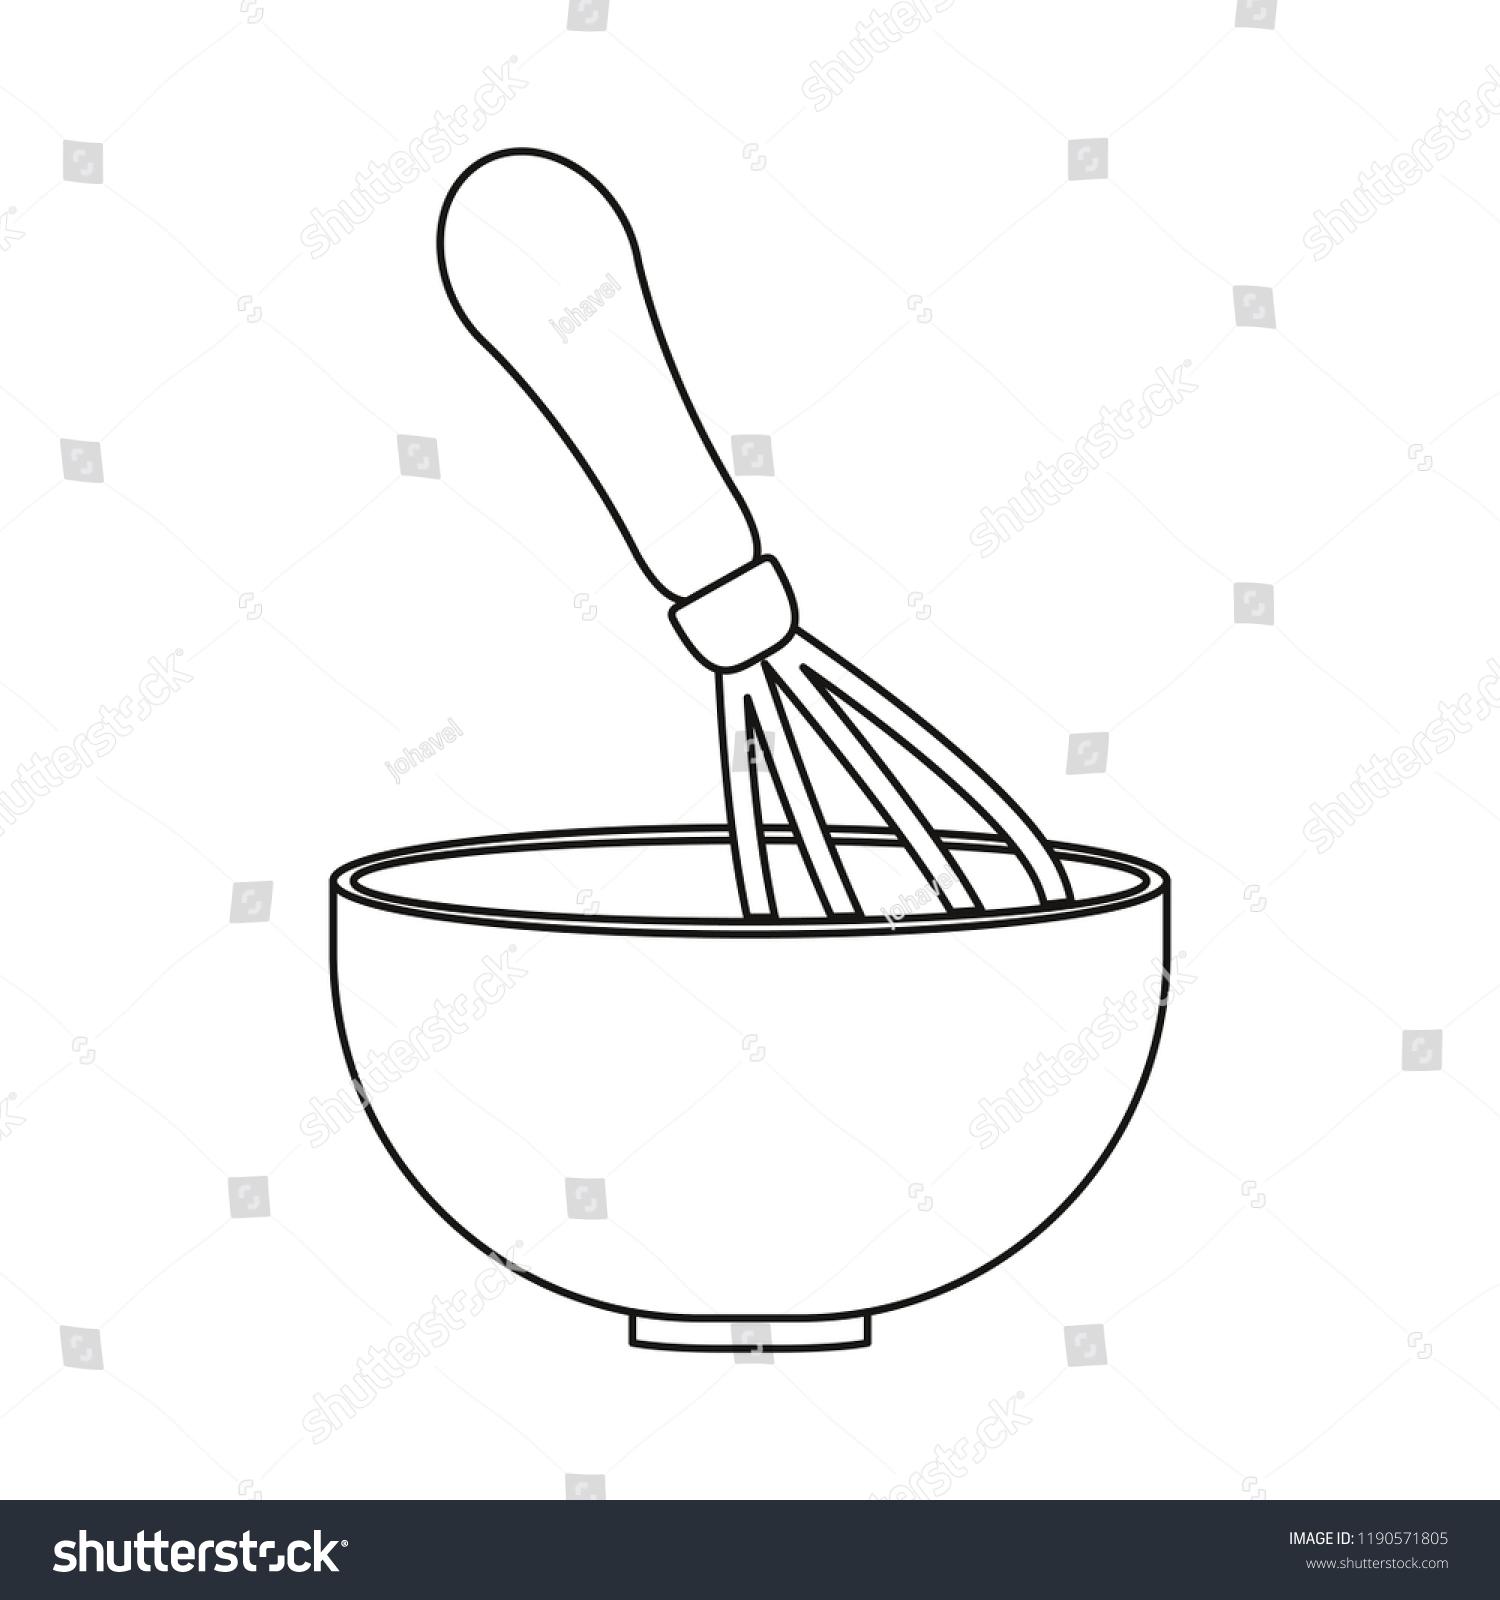 Descubra Kitchen Bowl Whisk Utensil Pastry imágenes de stock en HD y  millones de otras fotos, ilustraciones y vectores en stock libres de  regalías en la colección de Shutterstock. Se agregan miles de imágenes  nuevas de alta calidad todos los días.